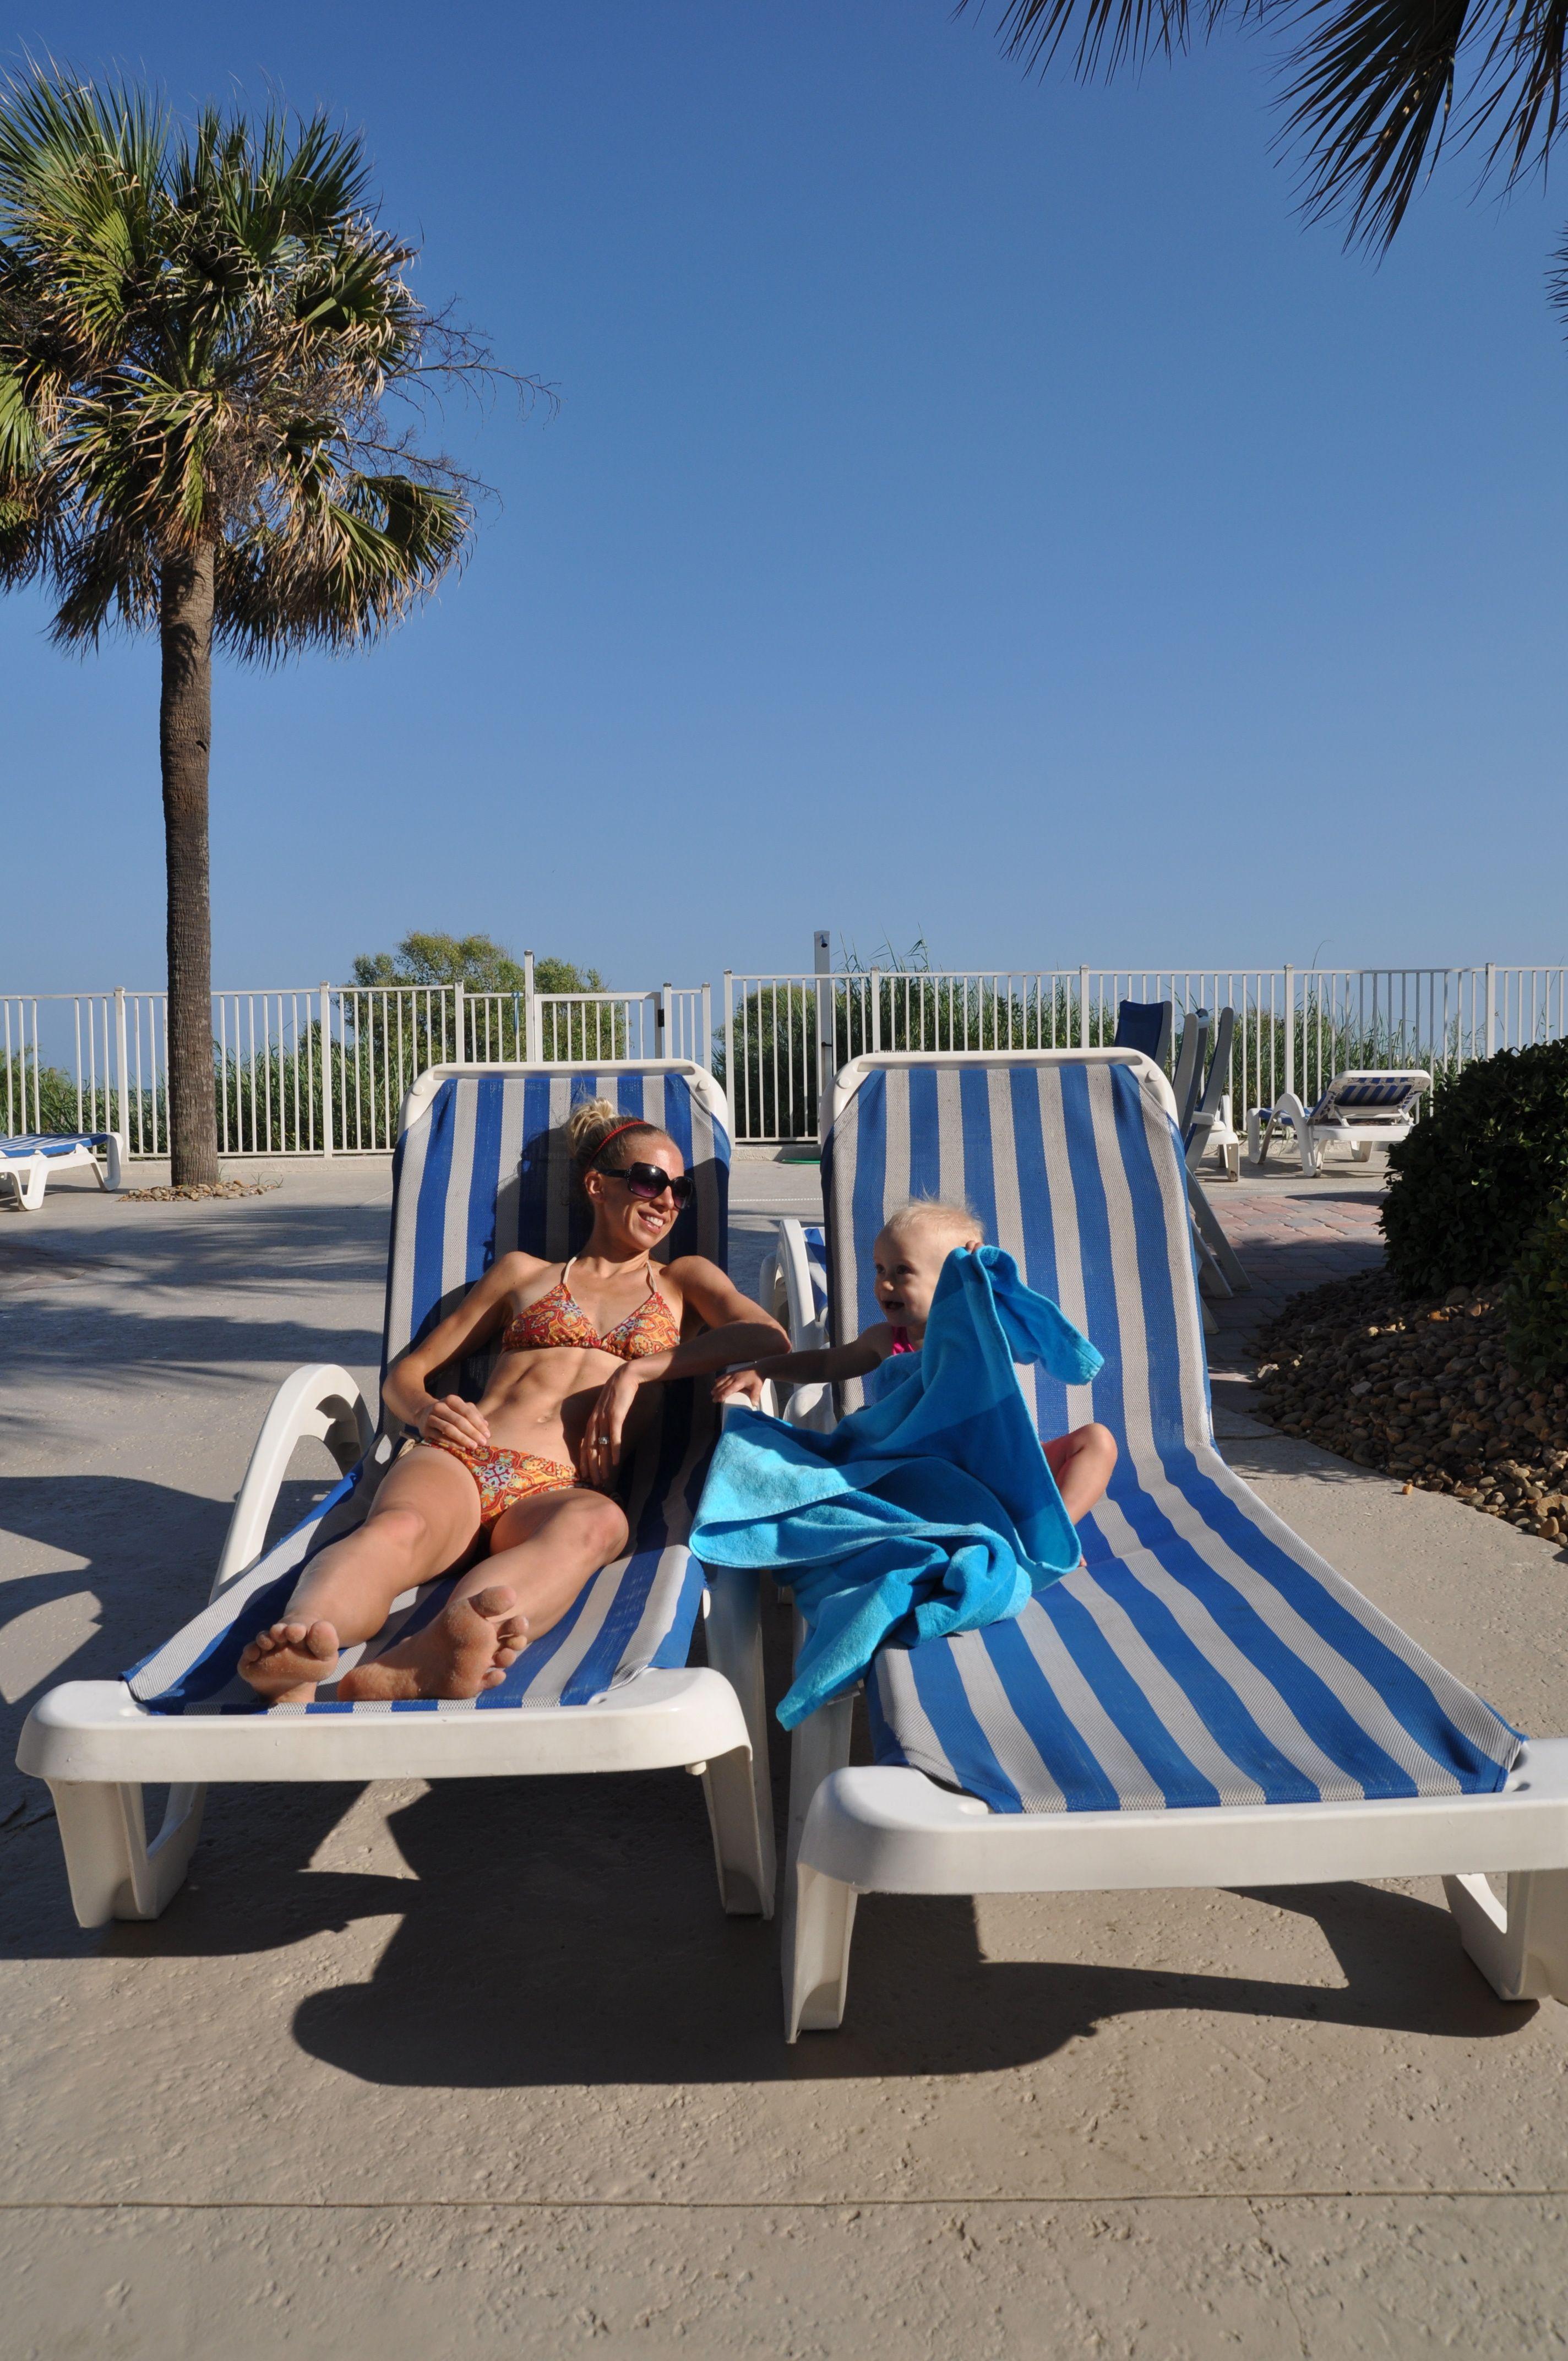 myrtle beach 2011 sandy beach hotel